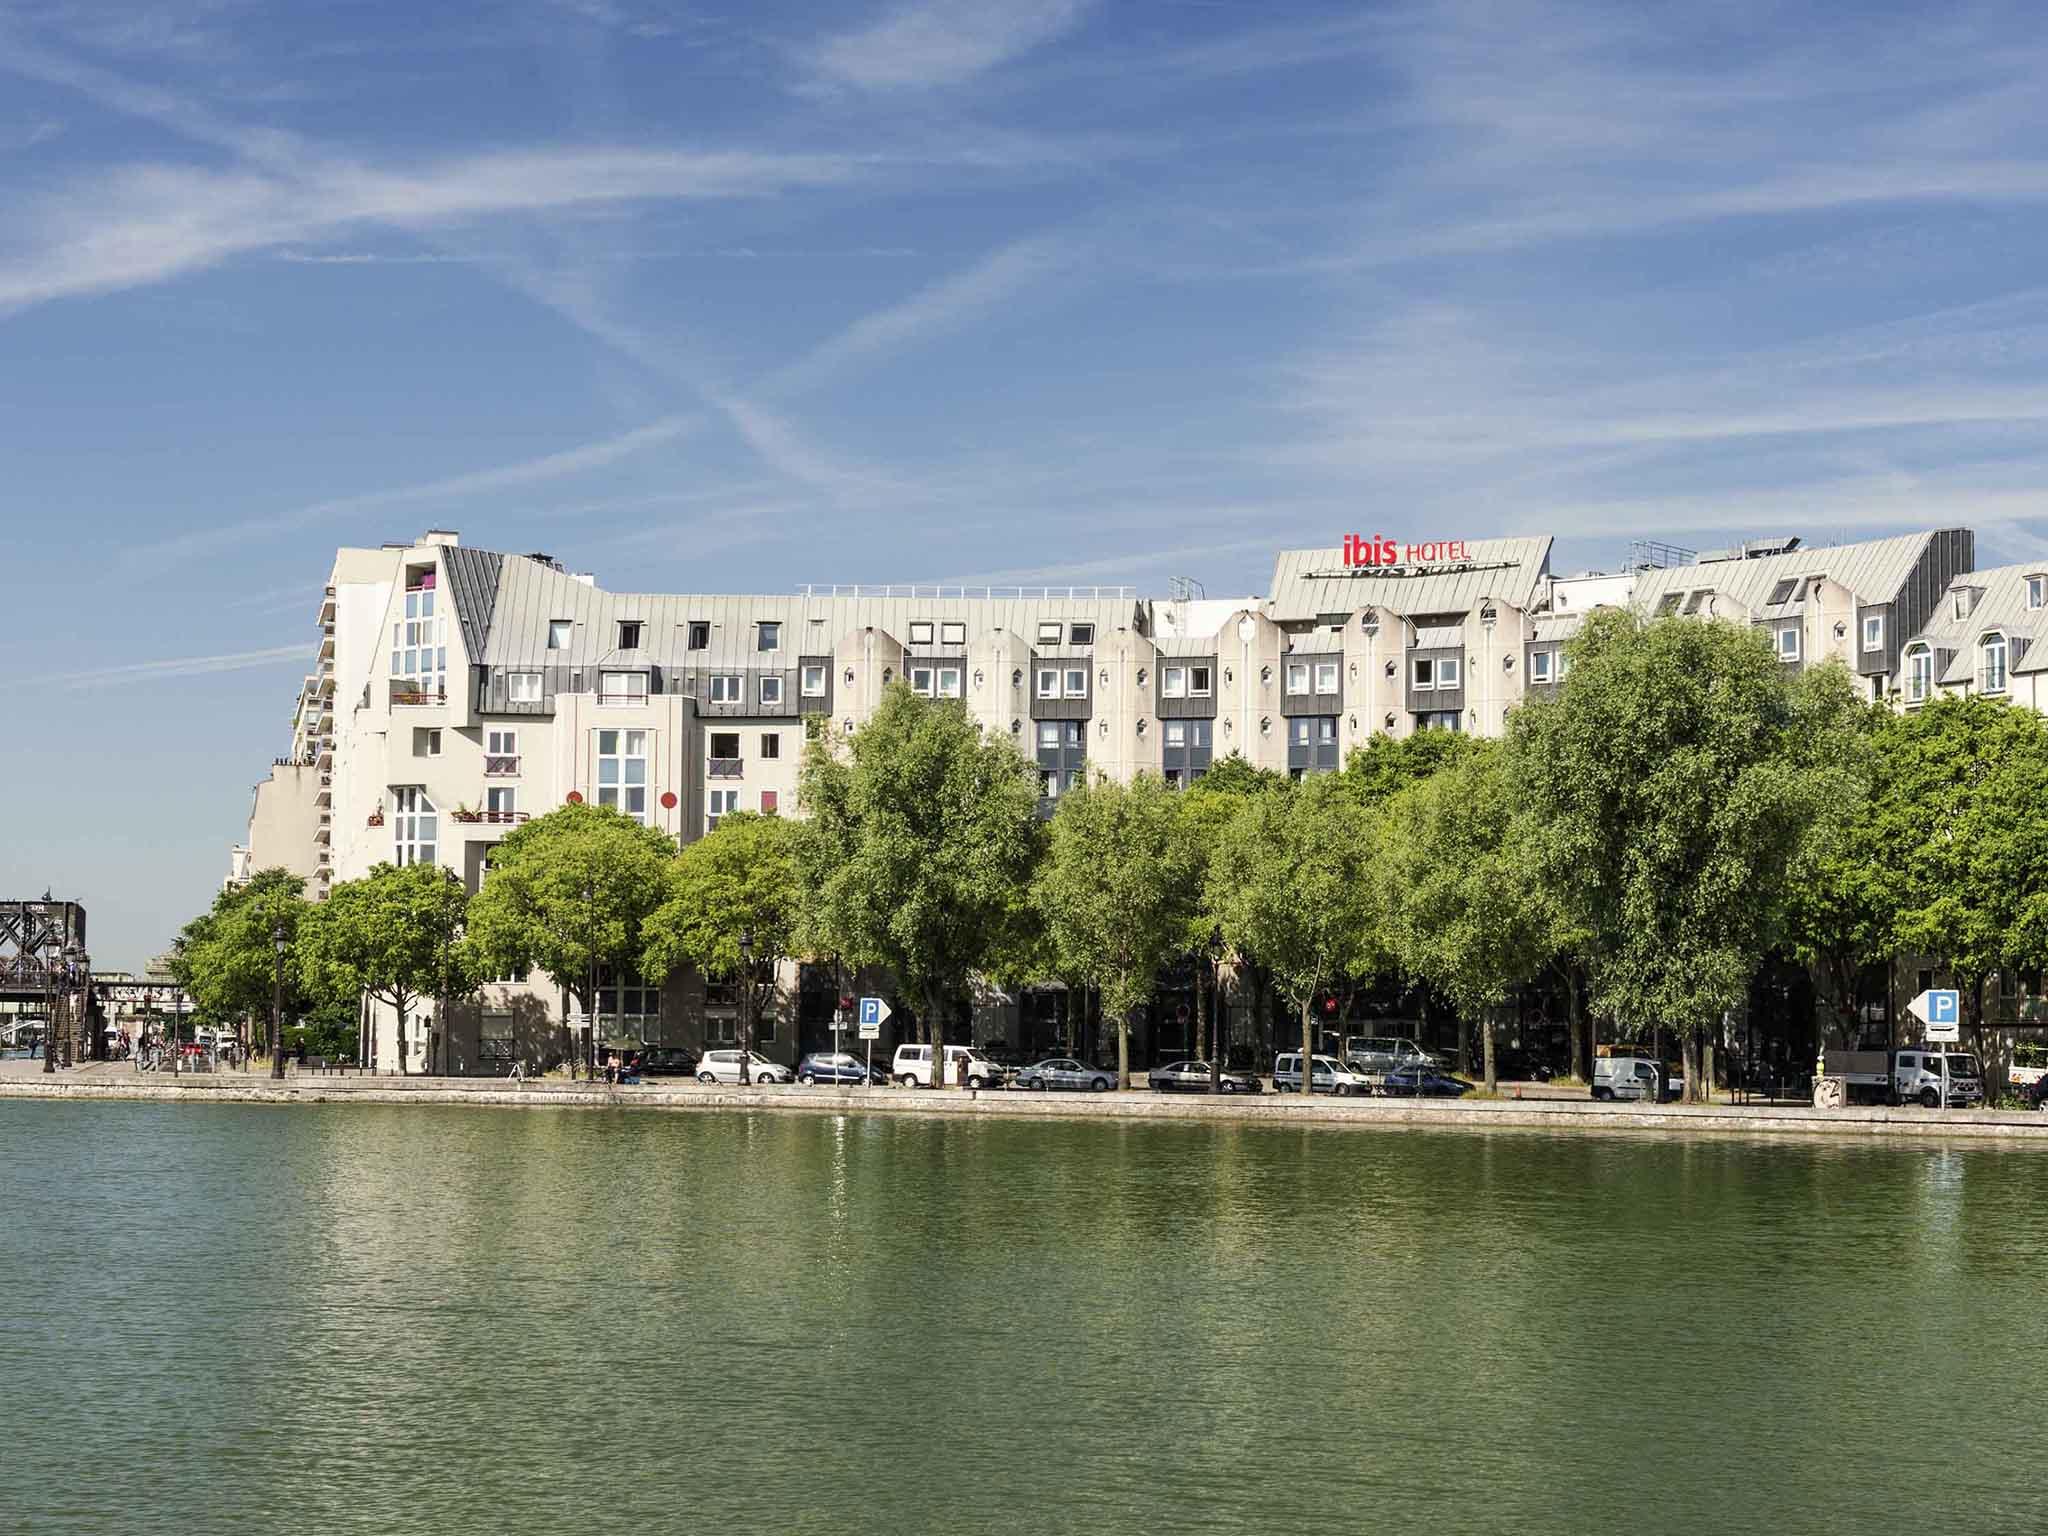 โรงแรม – ไอบิส ปารีส ลา วิลแล็ต ซิเต เดส์ ซีออง 19เอเม่